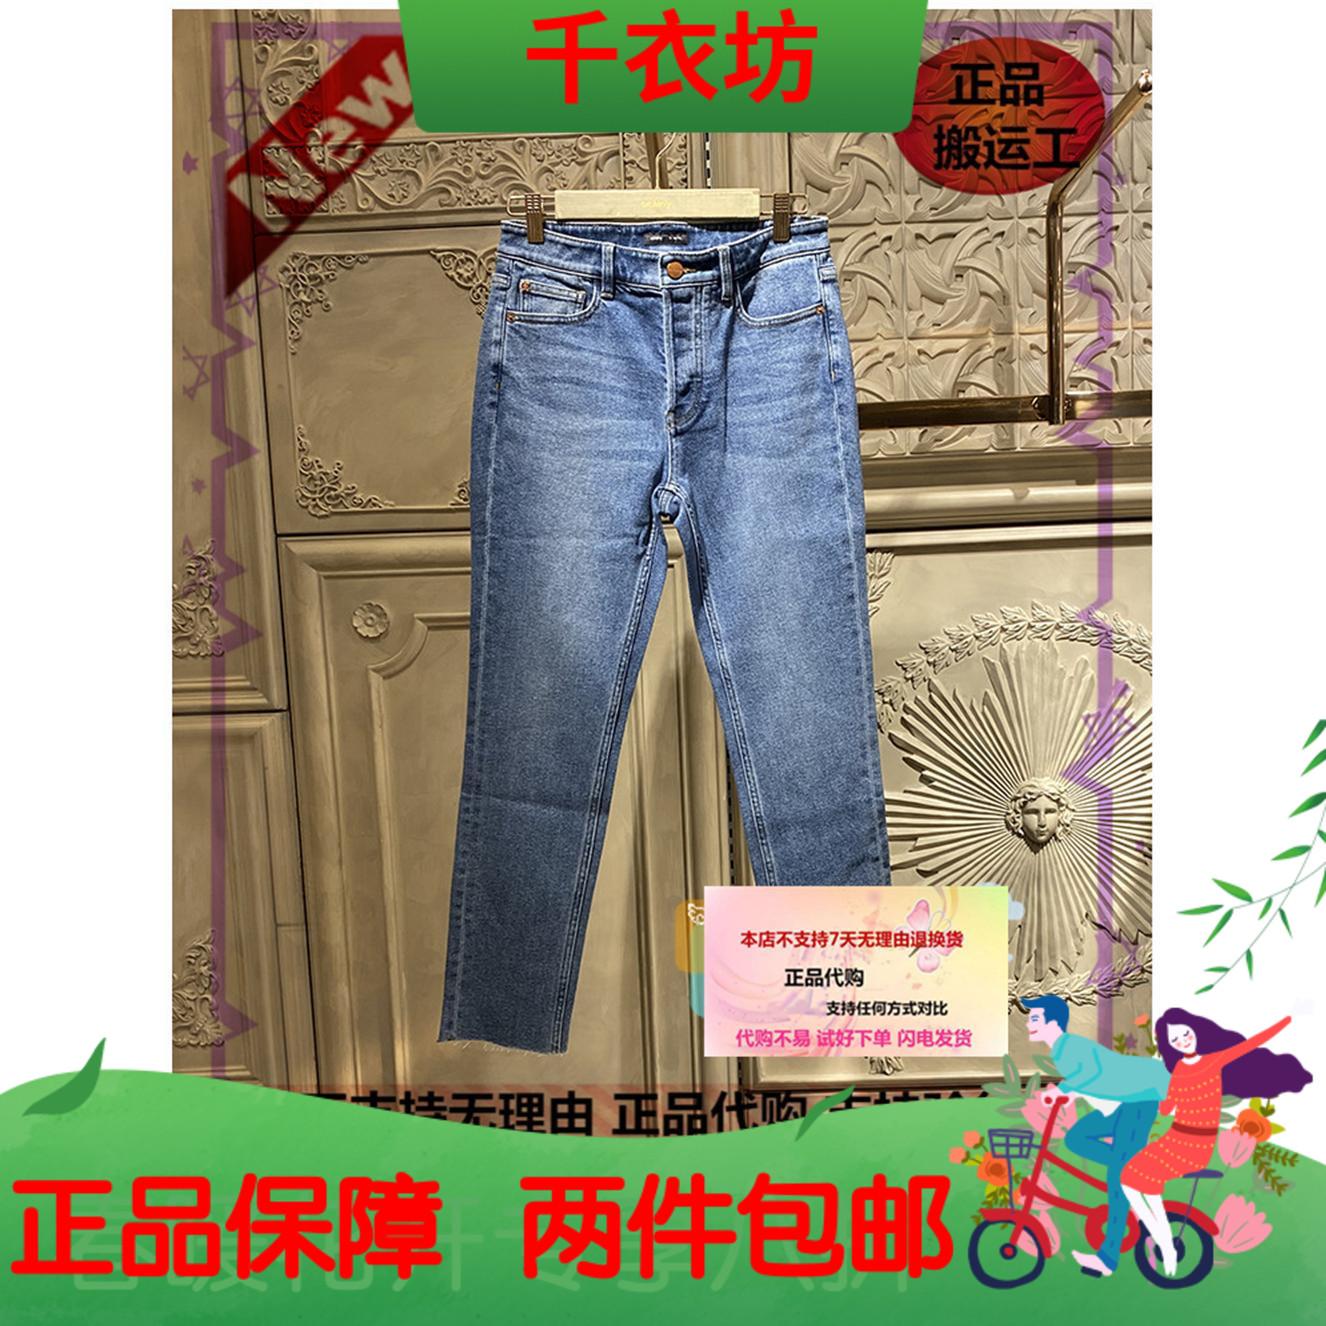 速发Ochirly专柜欧时力女国内代购2020春1A简约牛仔裤 1RH1064140